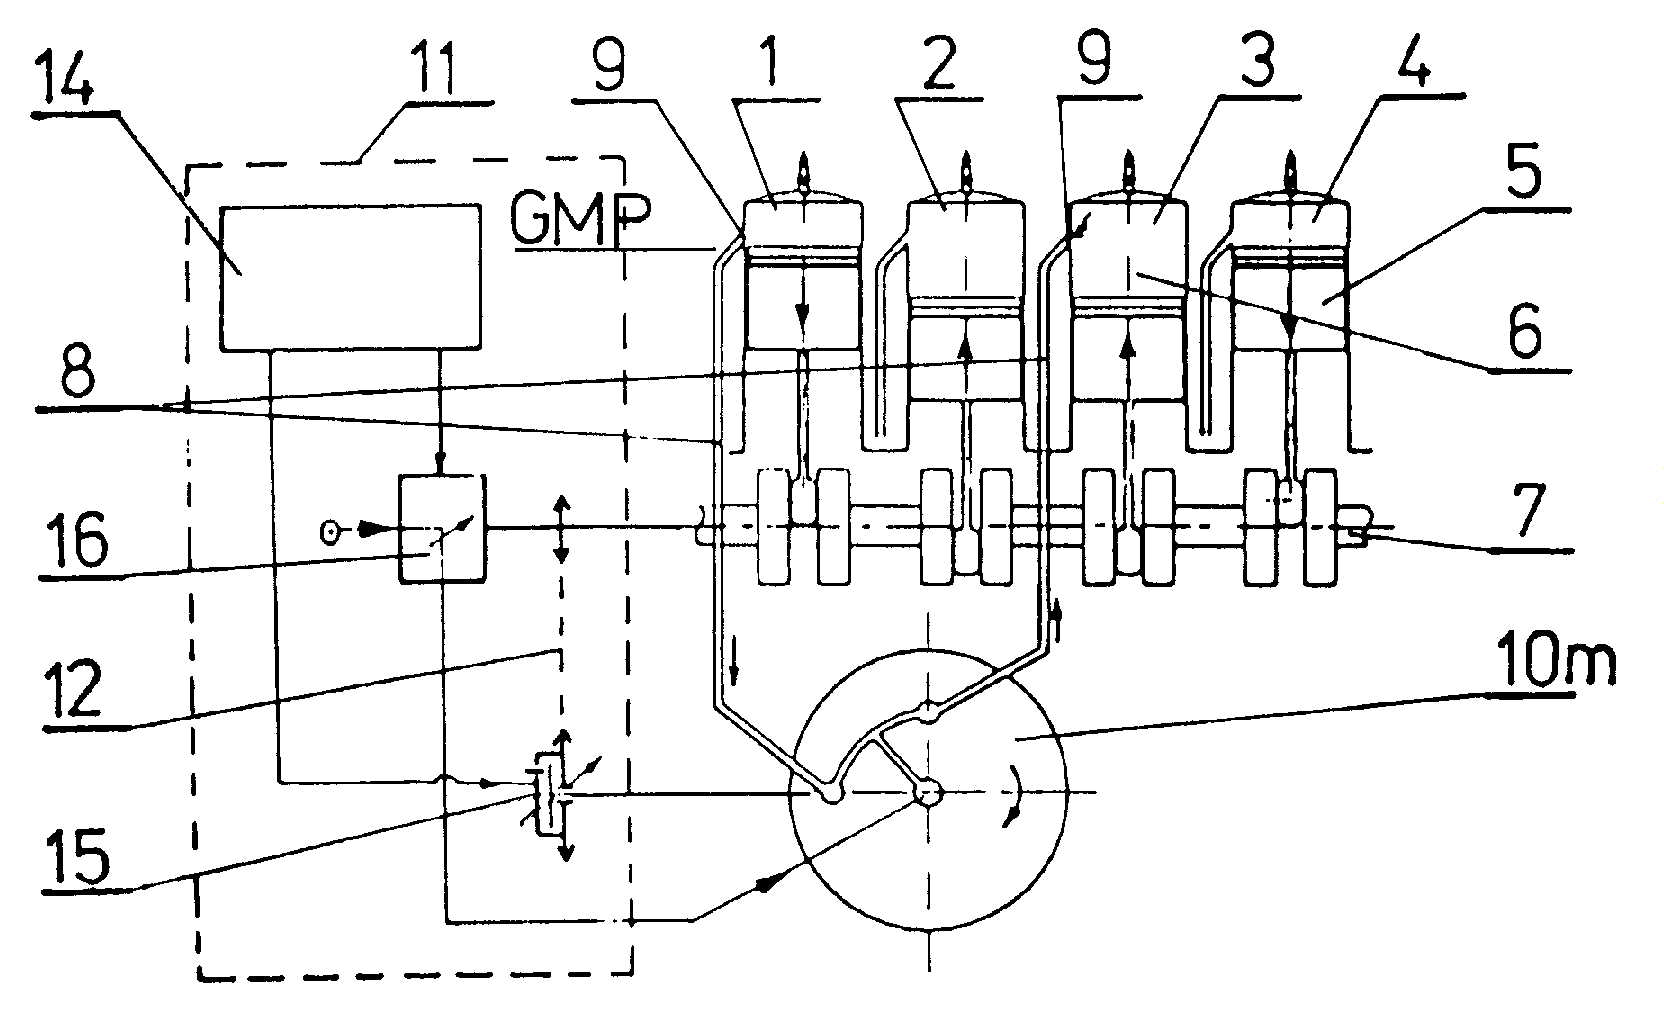 Czterosuwowy Wielocylindrowy Silnik Spa Wynalazki W Tech Money Pl